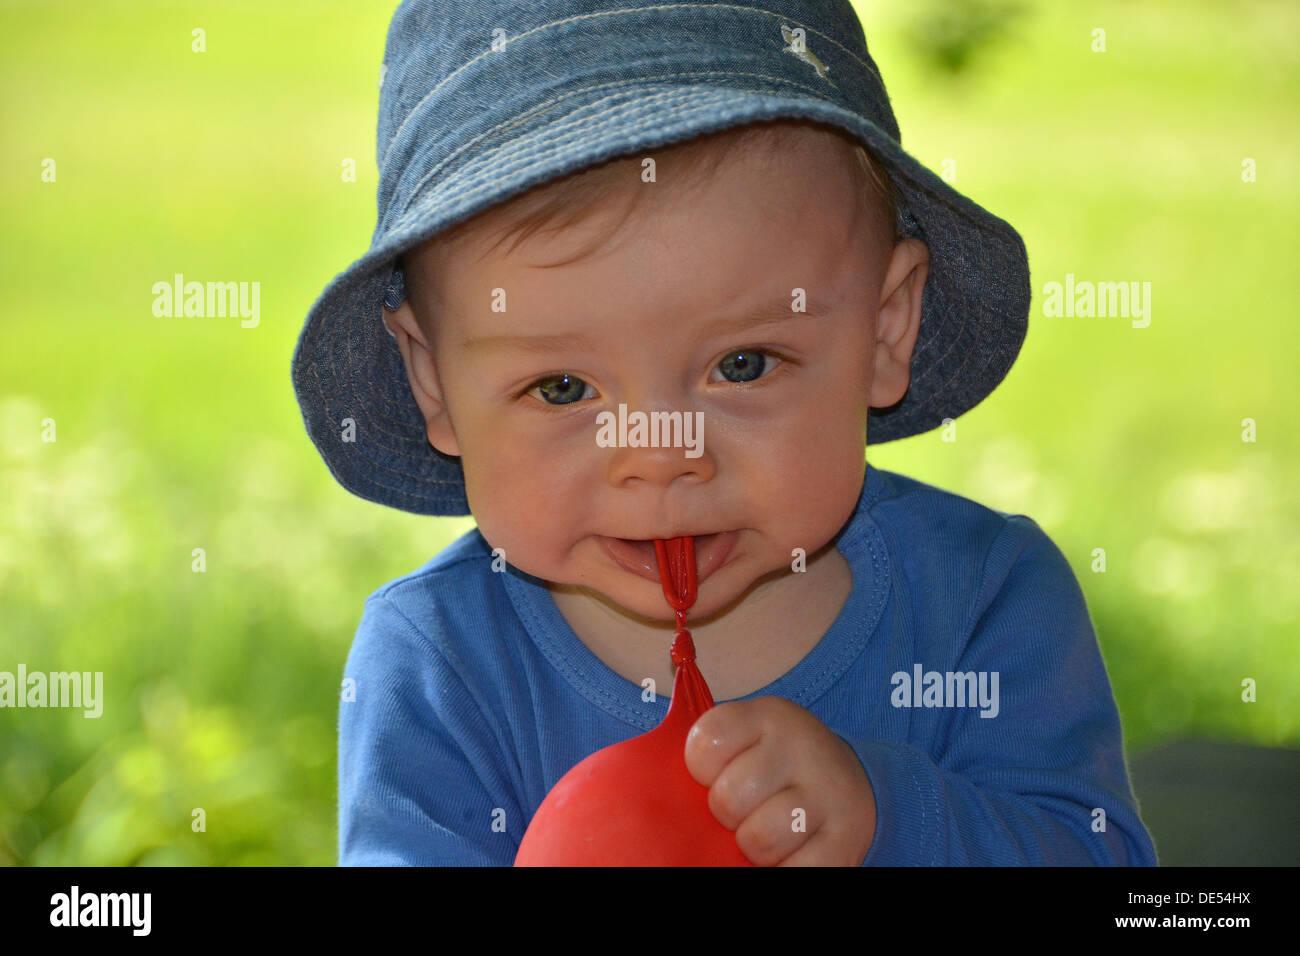 Il ragazzo, dieci mesi, giocando con un palloncino rosso all'aperto Immagini Stock